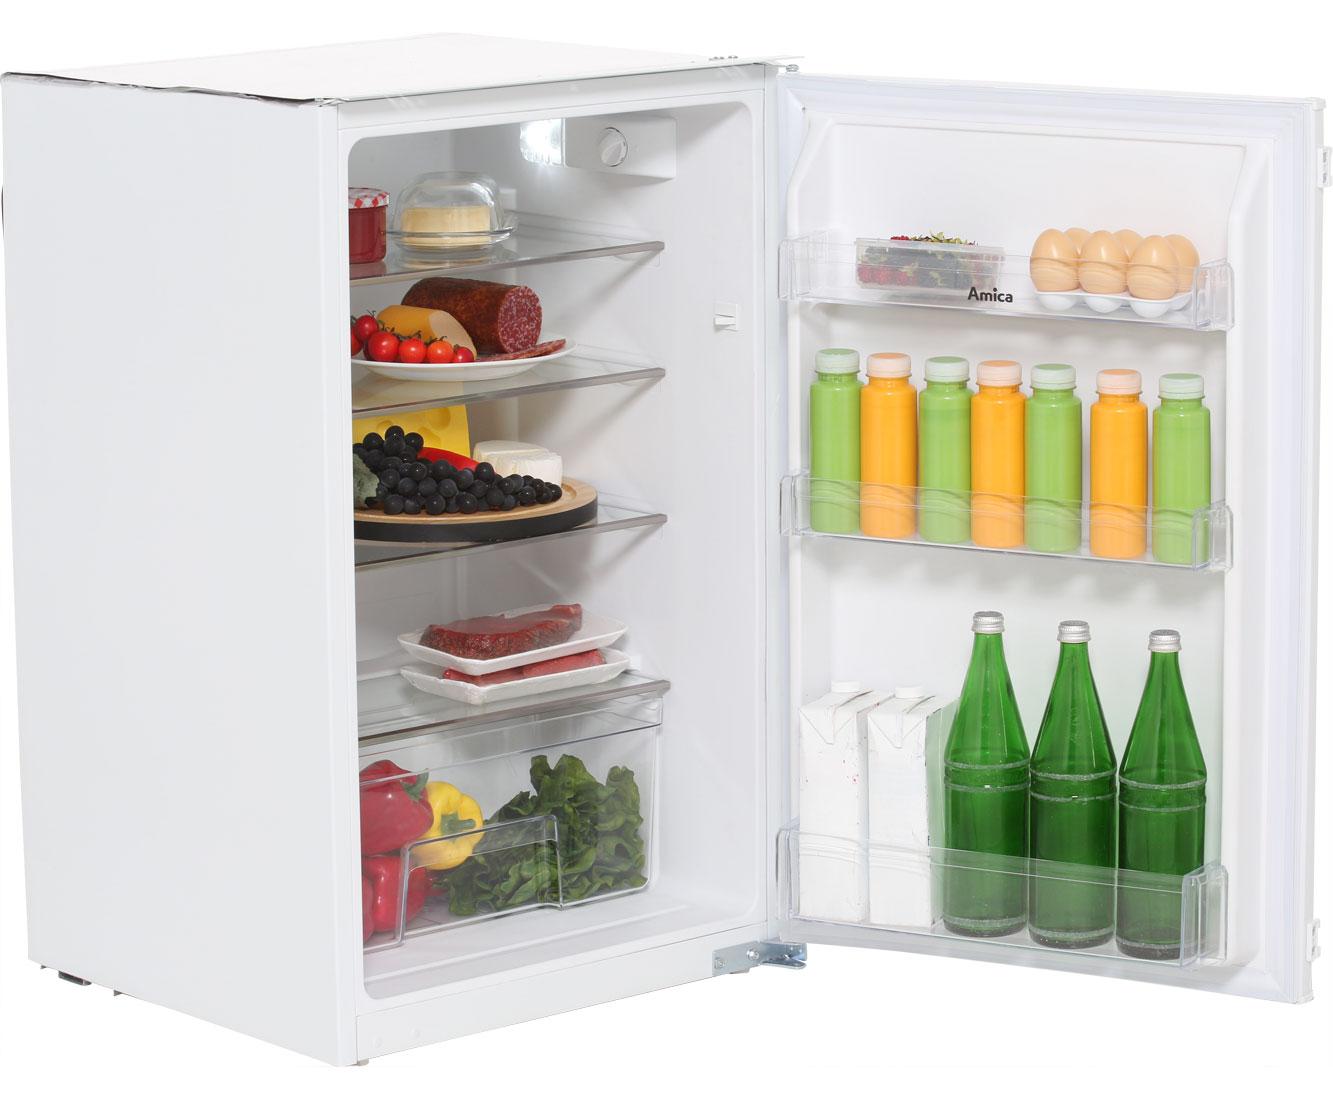 Kühlschrank Xxl Mit Gefrierfach : Kühlschränke mit lieferung bis zum aufstellungsort ao